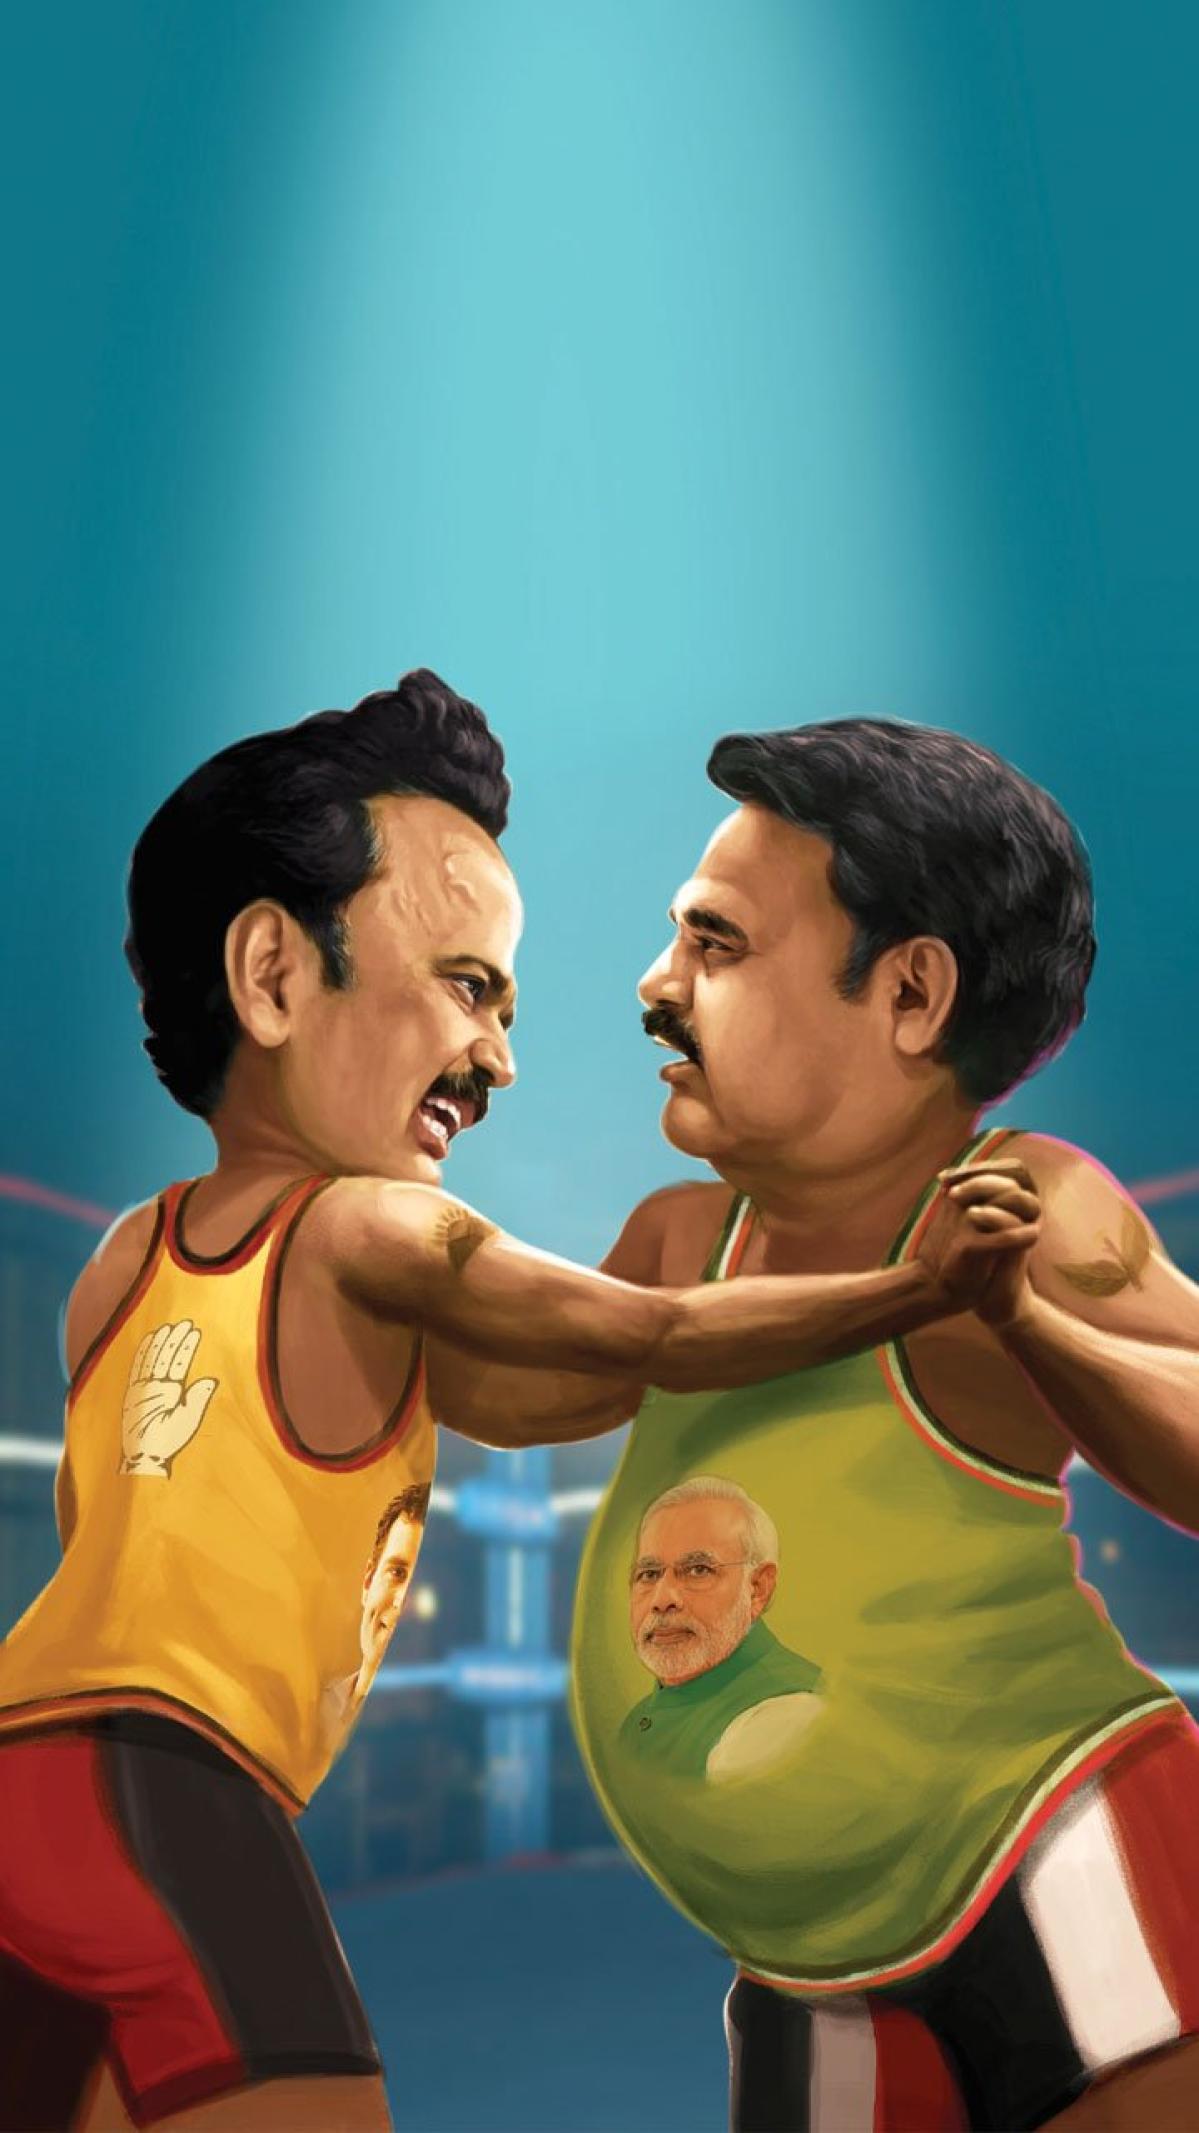 அடிச்சுத் தூக்கு - தில் யுத்தம் 2019